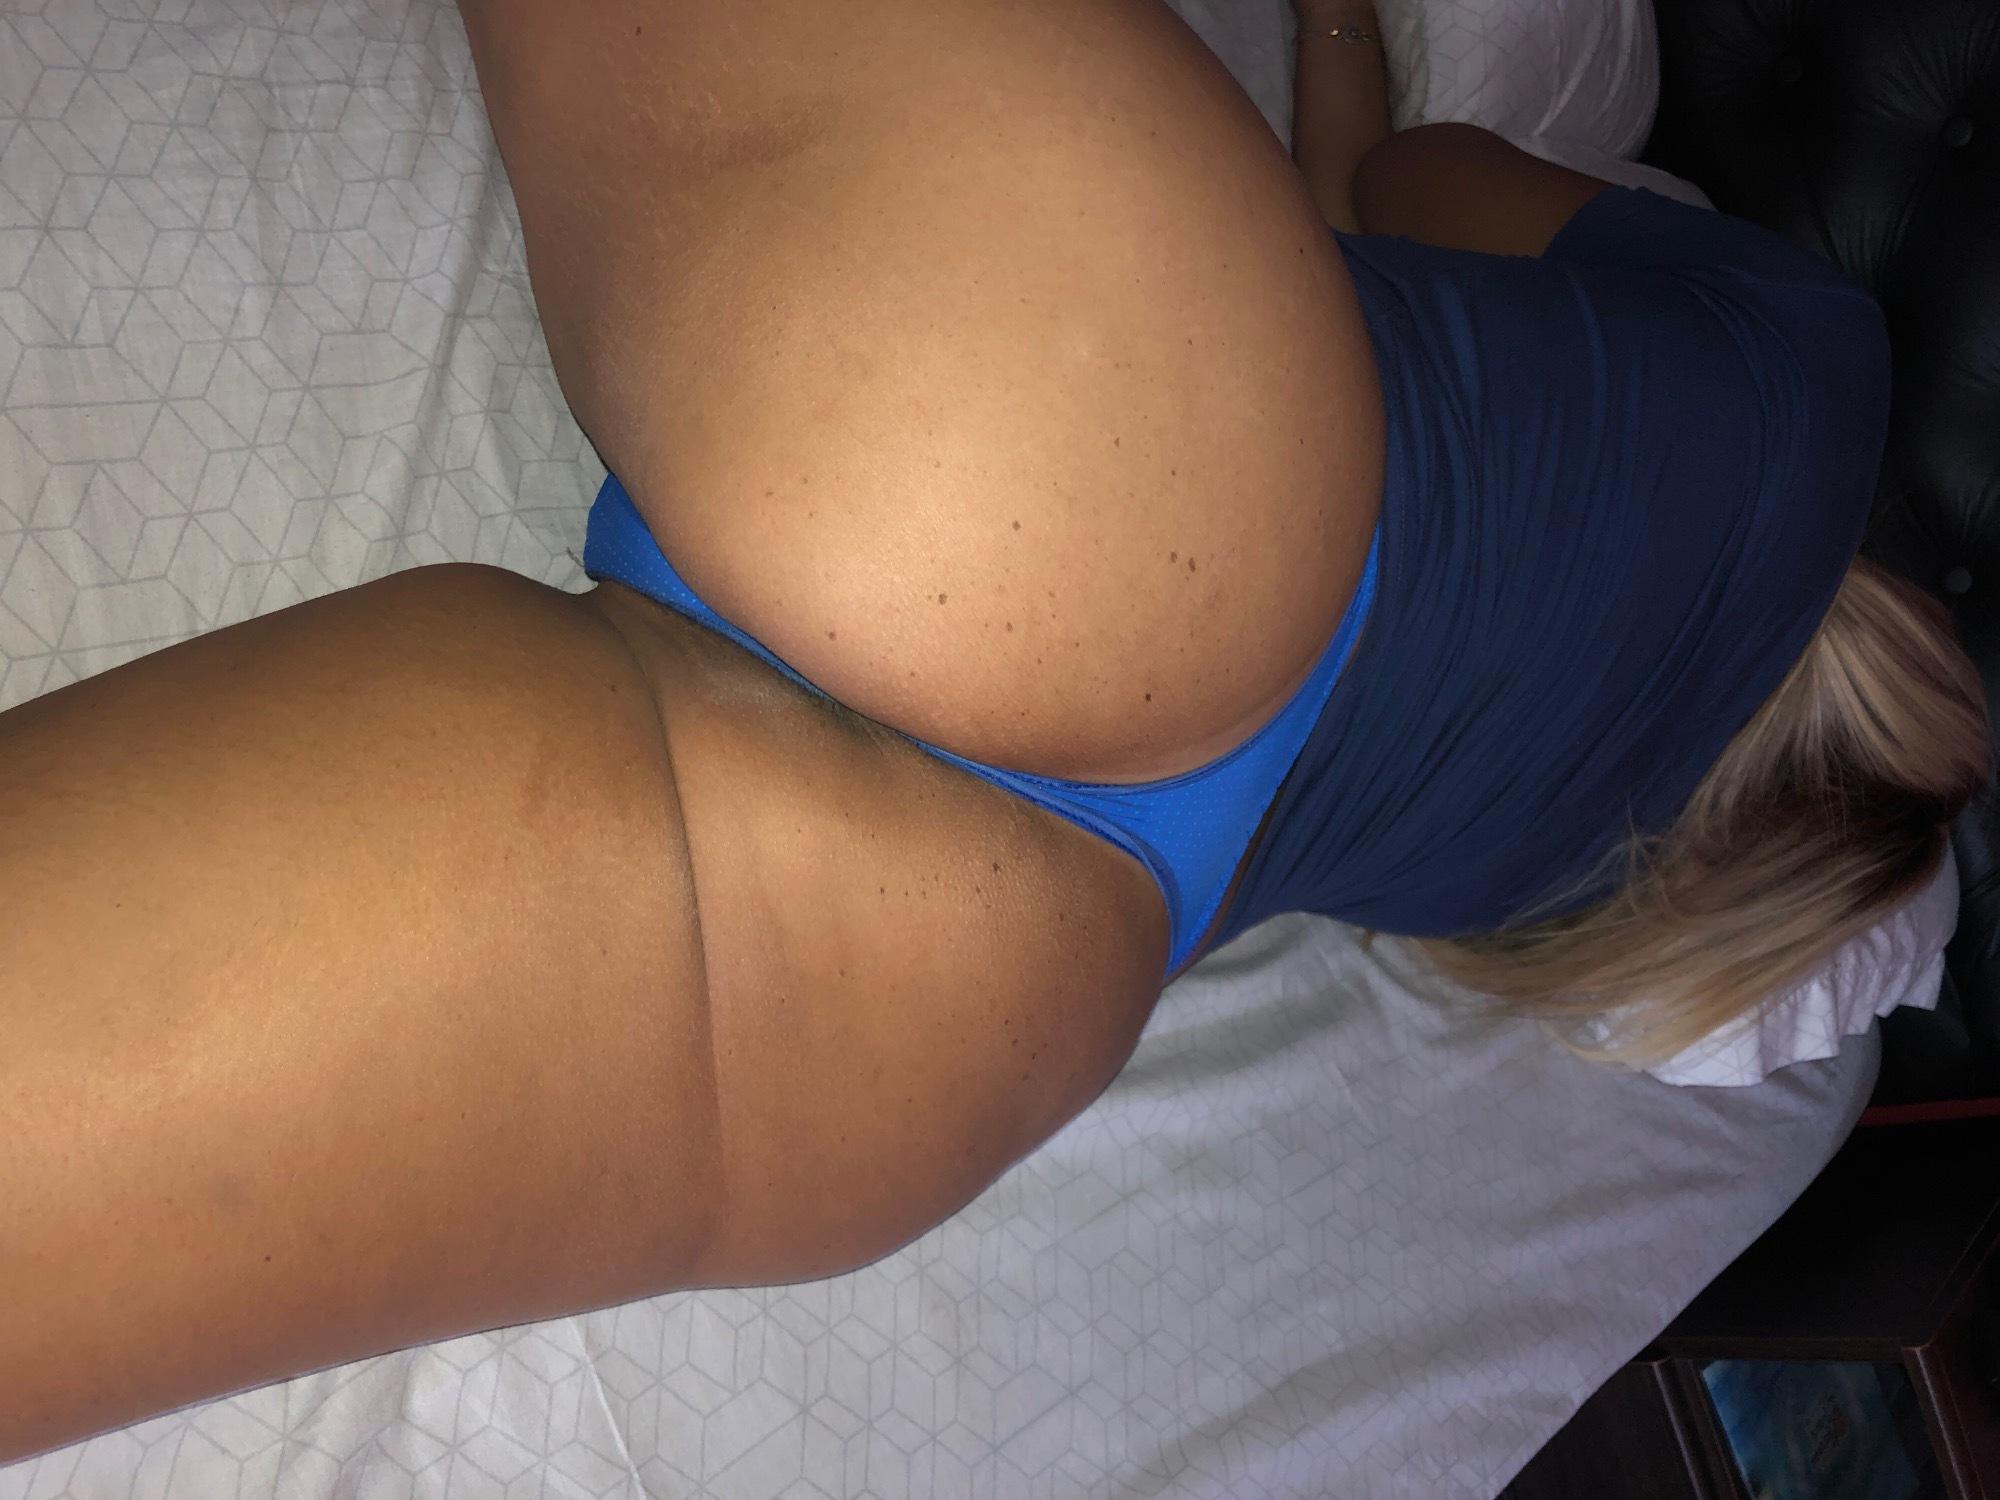 fotos porno caseras follando con mi esposa 5